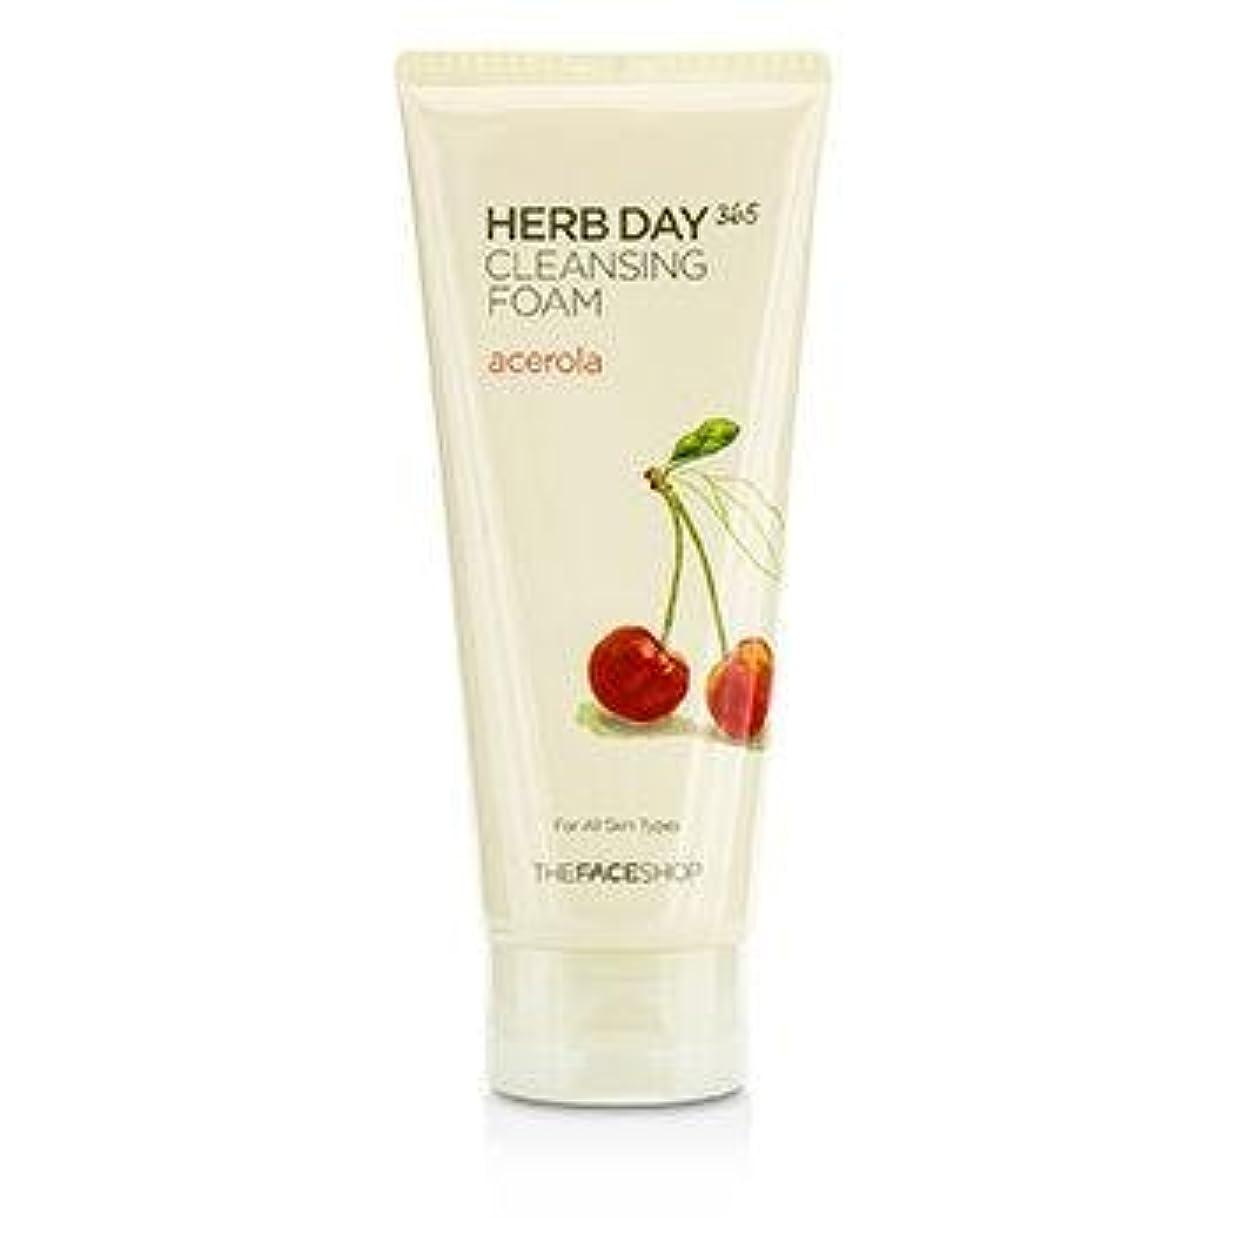 回転慈悲深い幹THE FACE SHOP Herb Day 365 Cleansing Foam Acerola (並行輸入品)